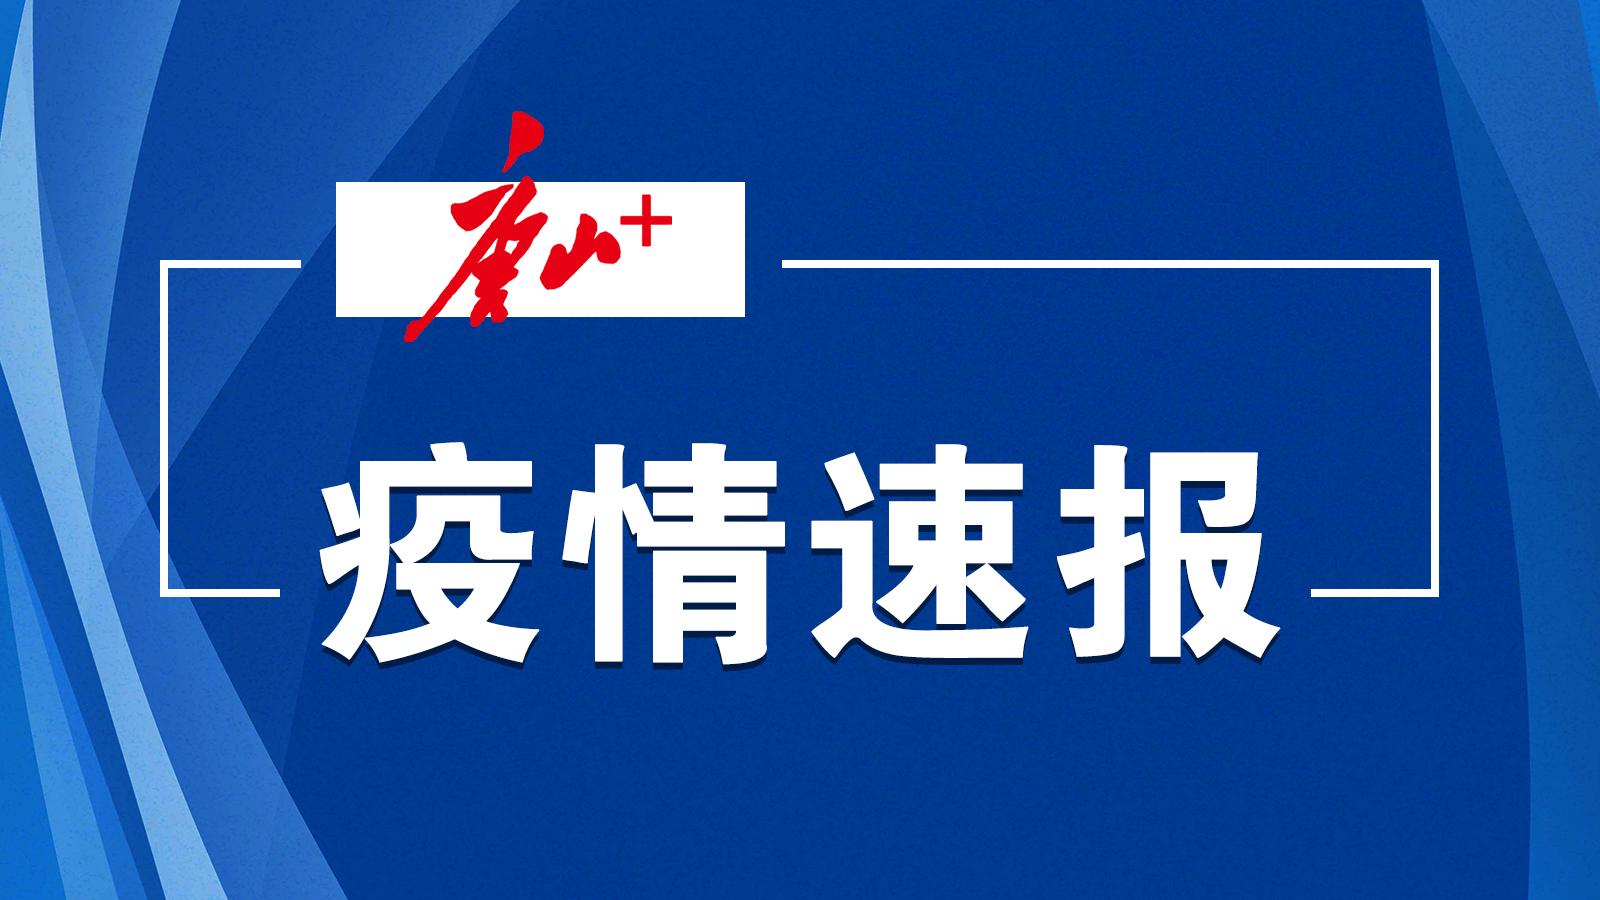 10月24日河北新增确诊病例2例(邢台市) 无新增无症状感染者